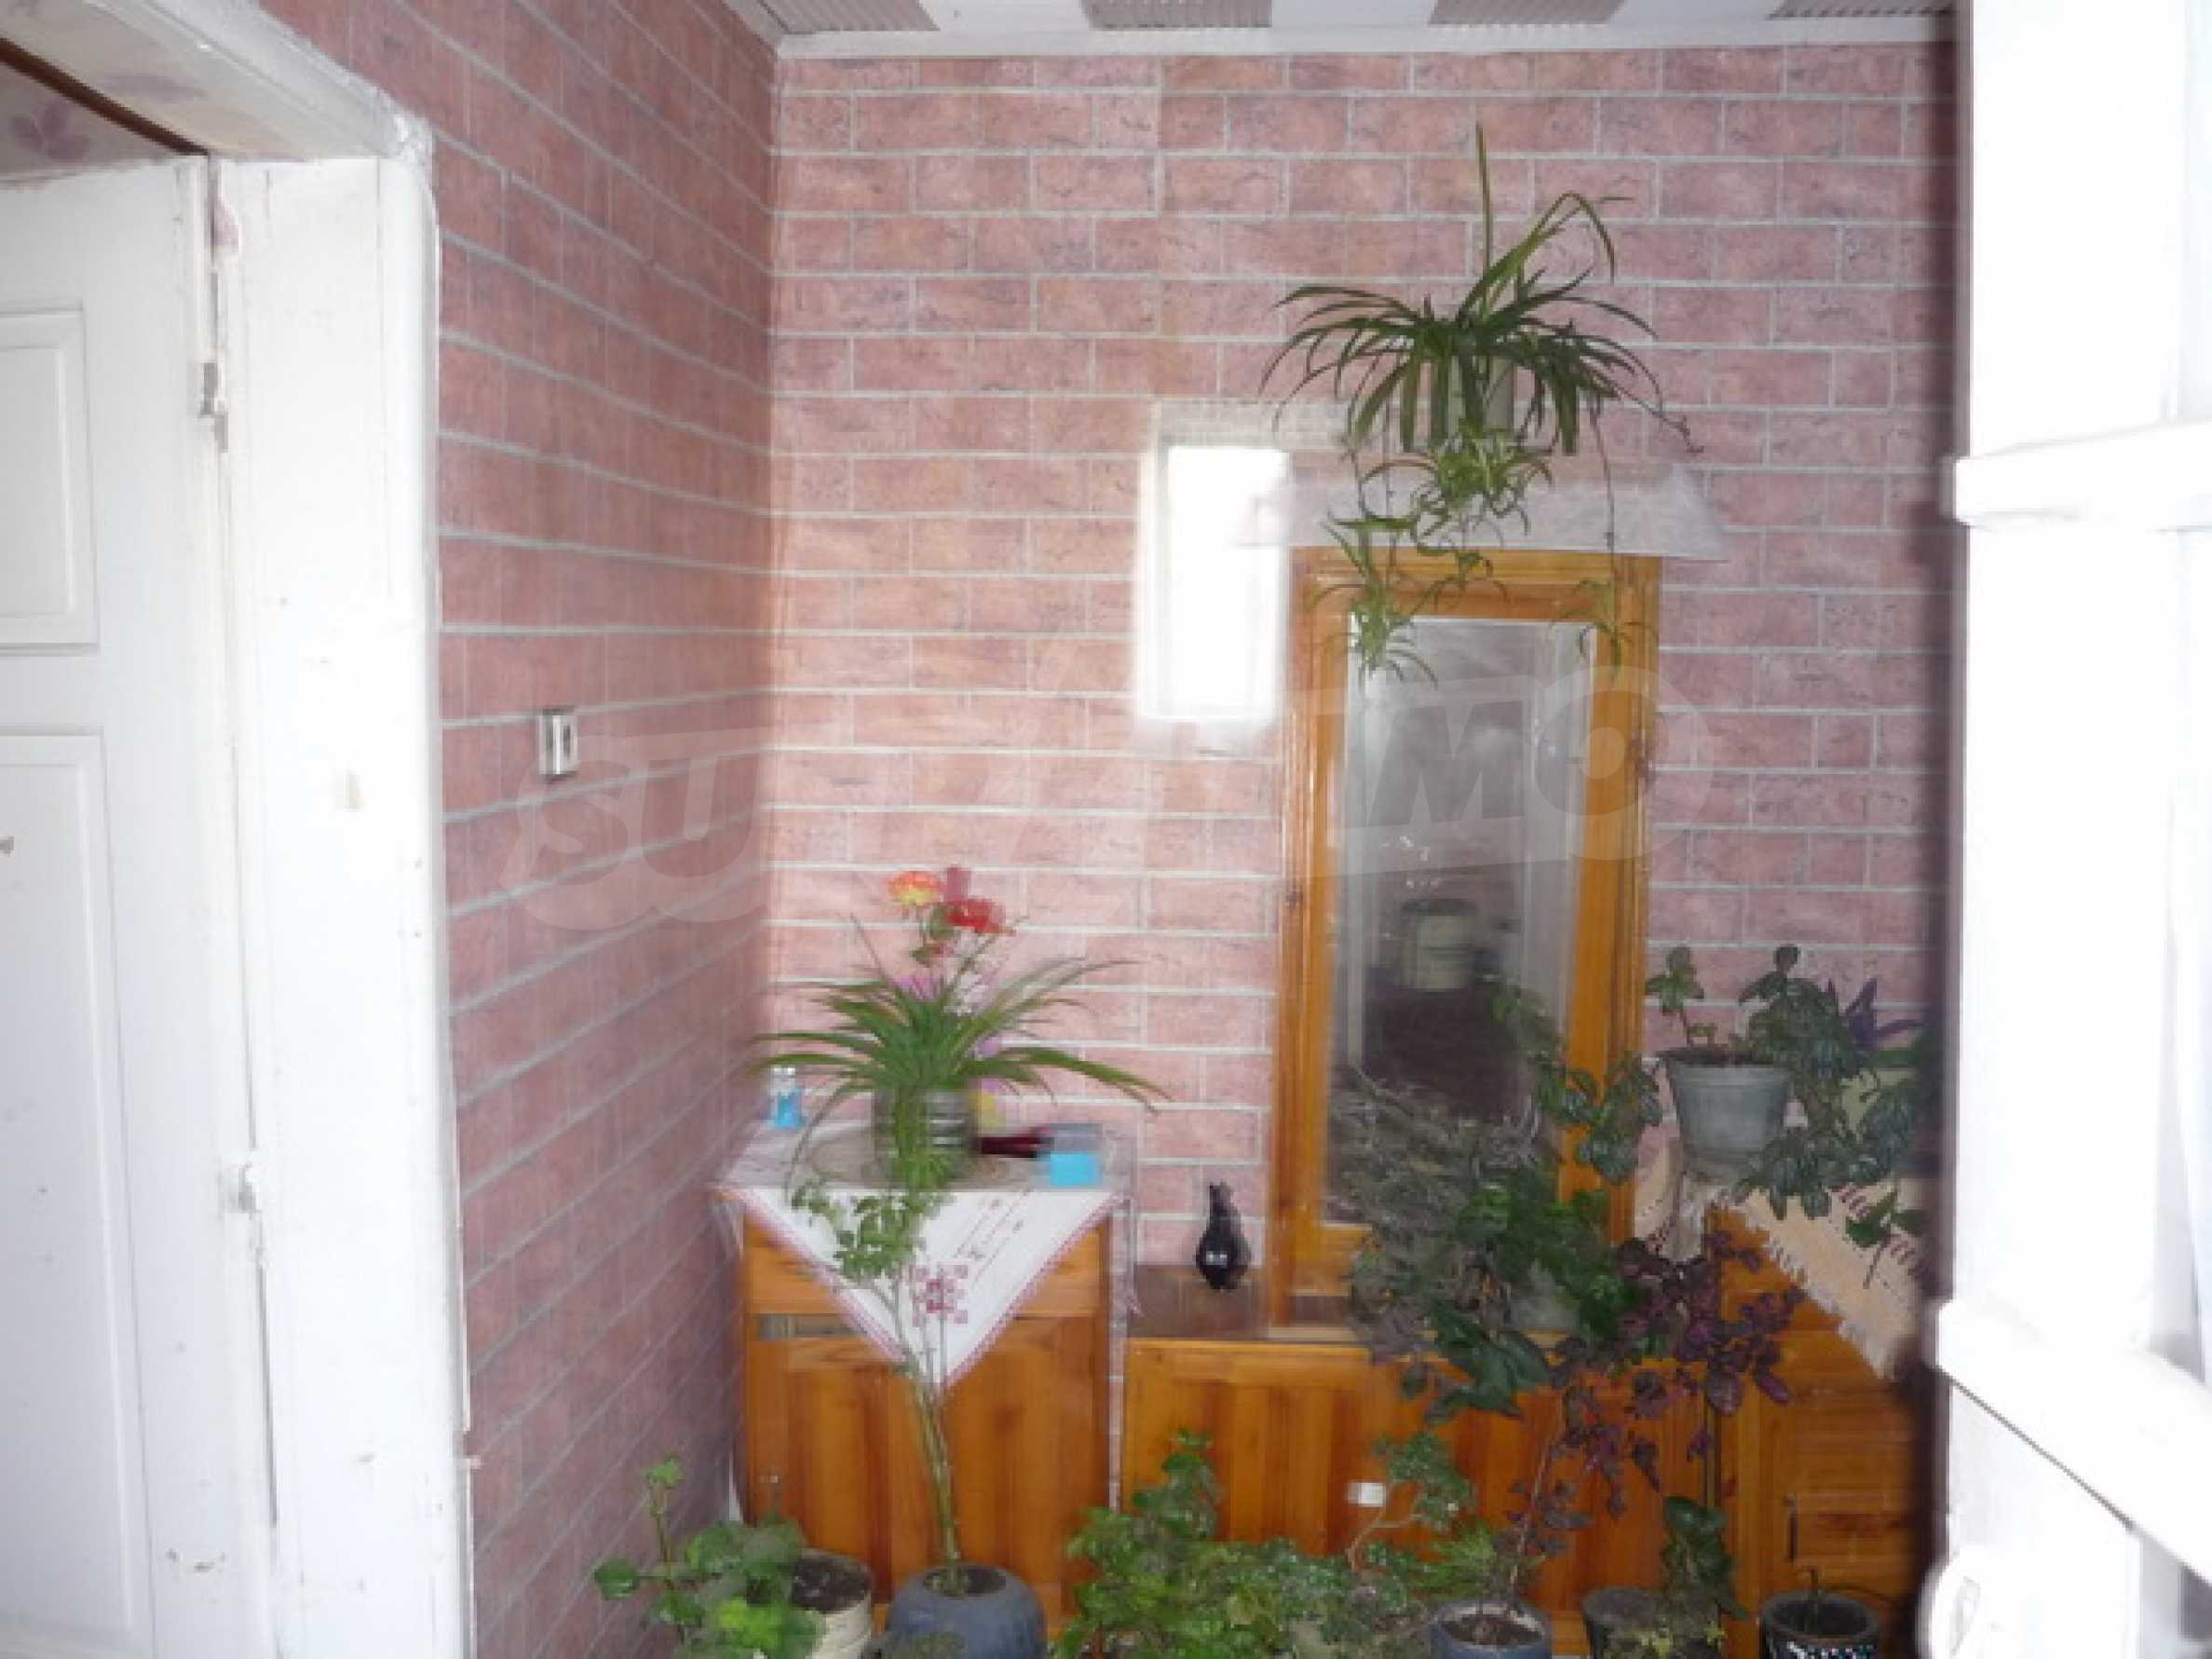 Zweistöckiges Haus zum Verkauf in einem Dorf 40 km von Veliko Tarnovo entfernt 7